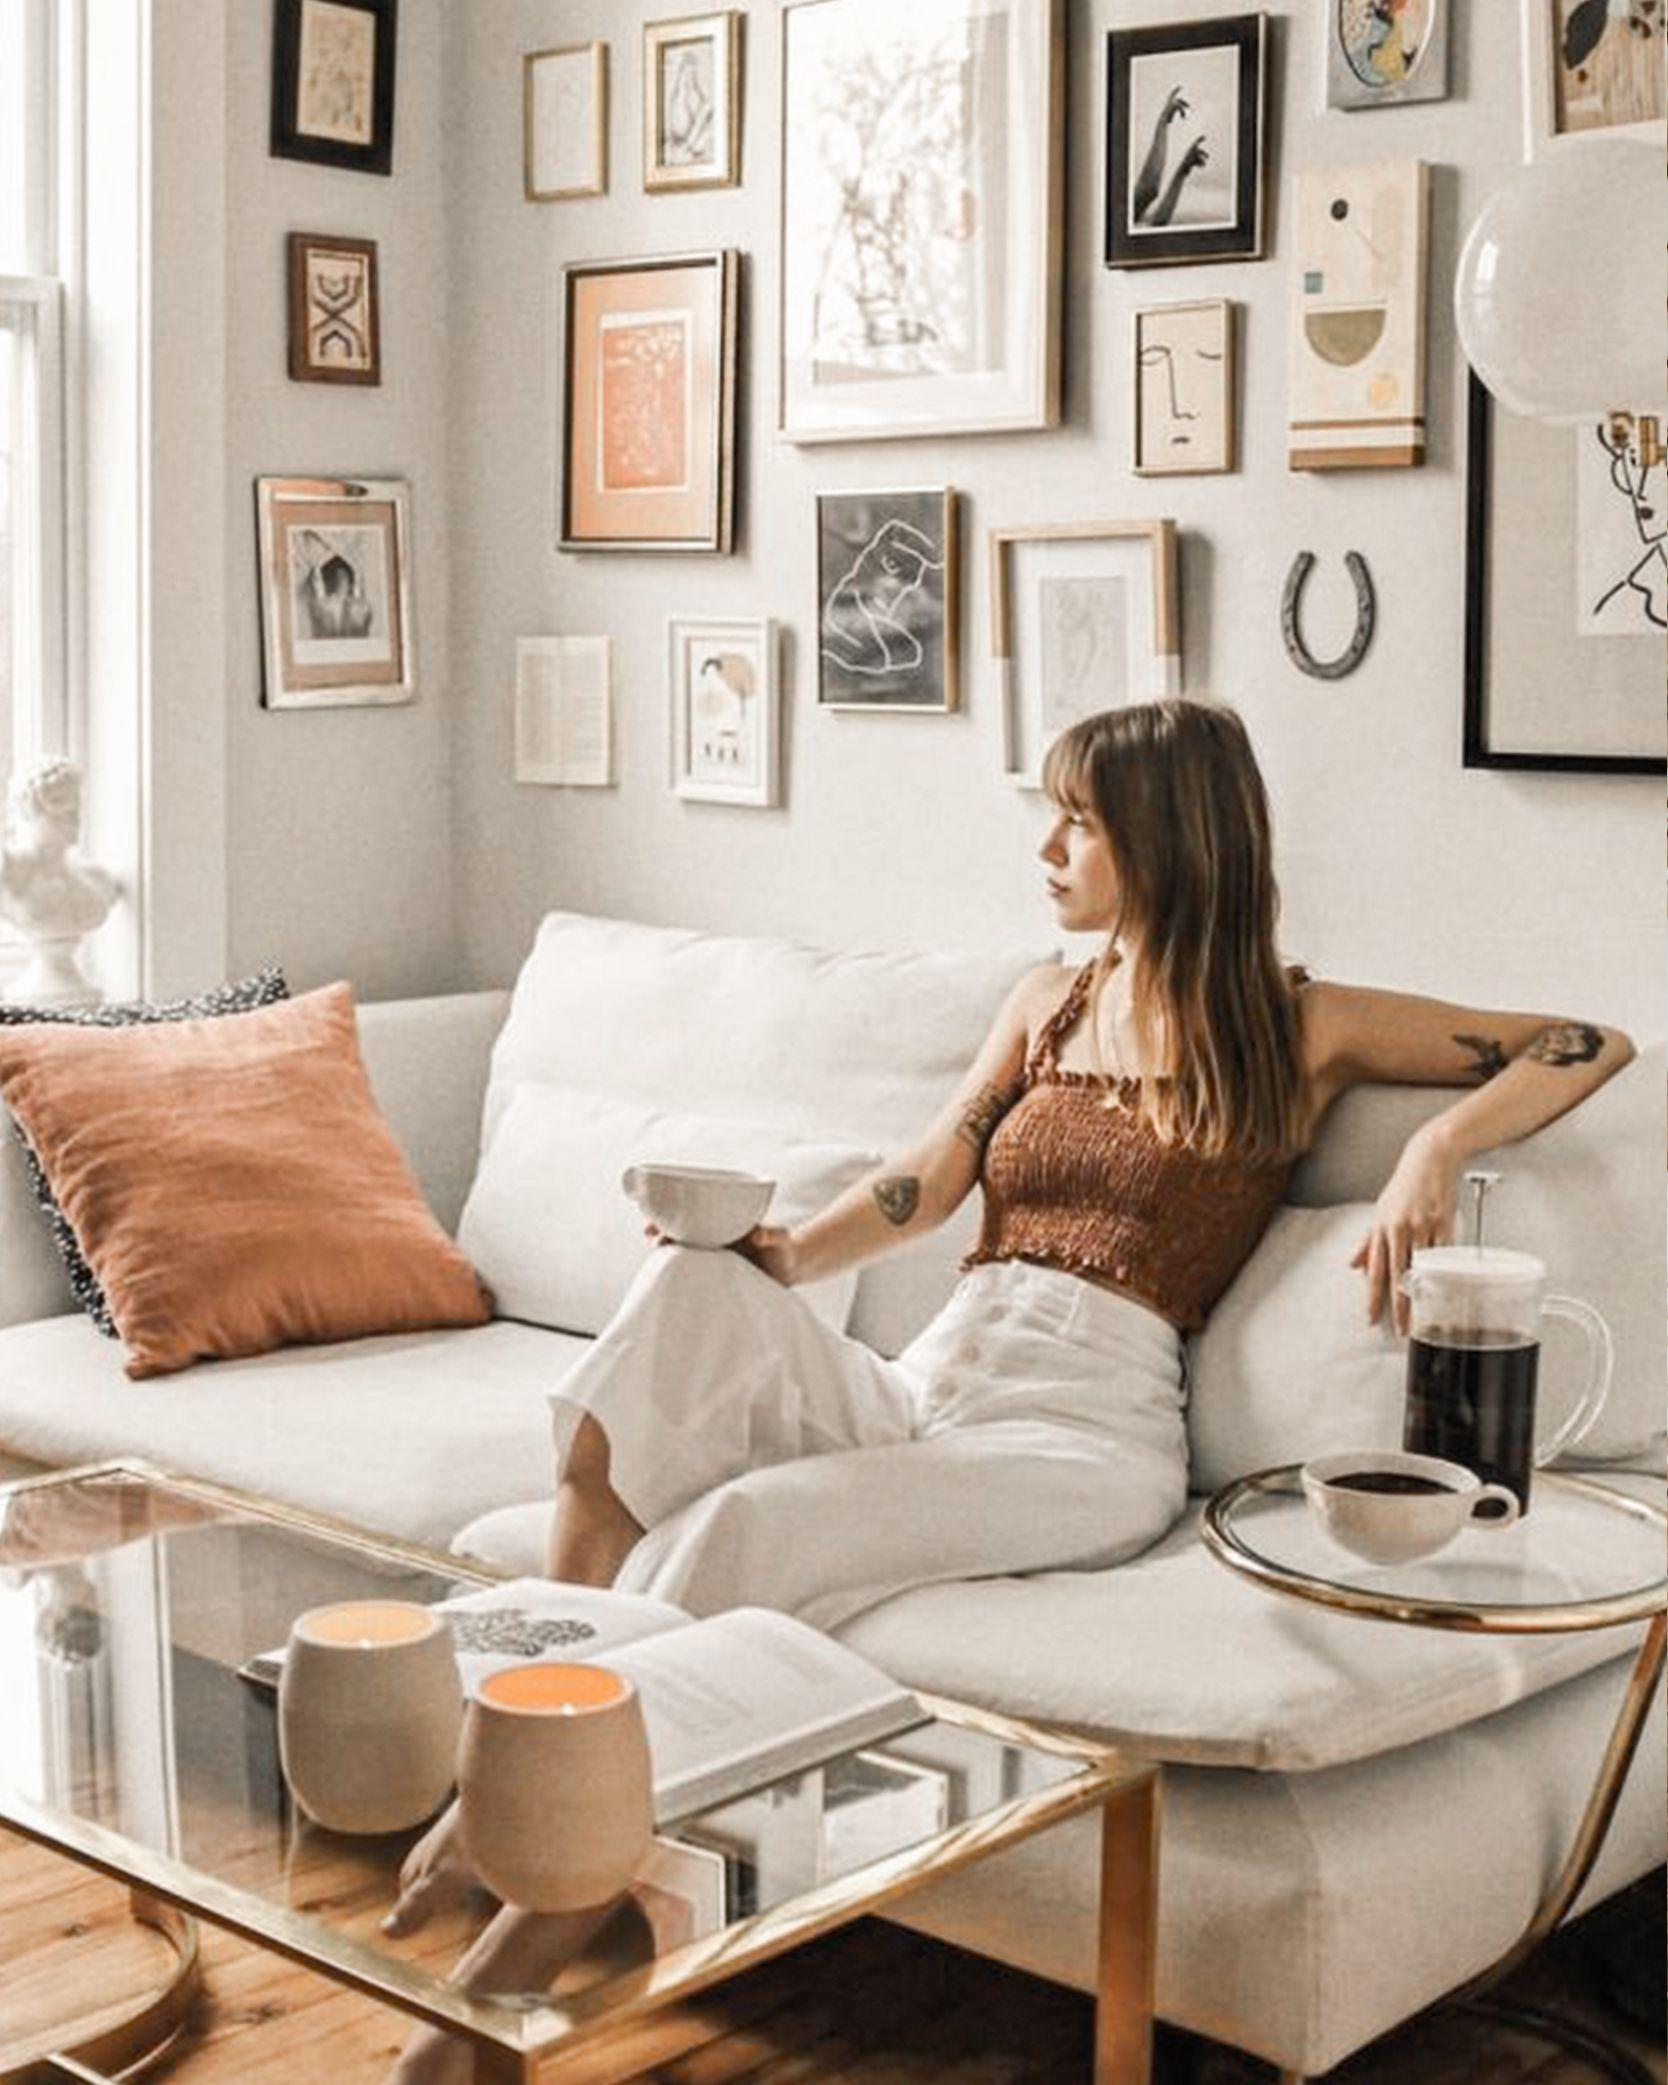 6 Lightroom Mobile Presets Cozy Presets Indoor Presets Etsy Anthropologie Living Room Living Room Decor Home Decor Living room decor gallery